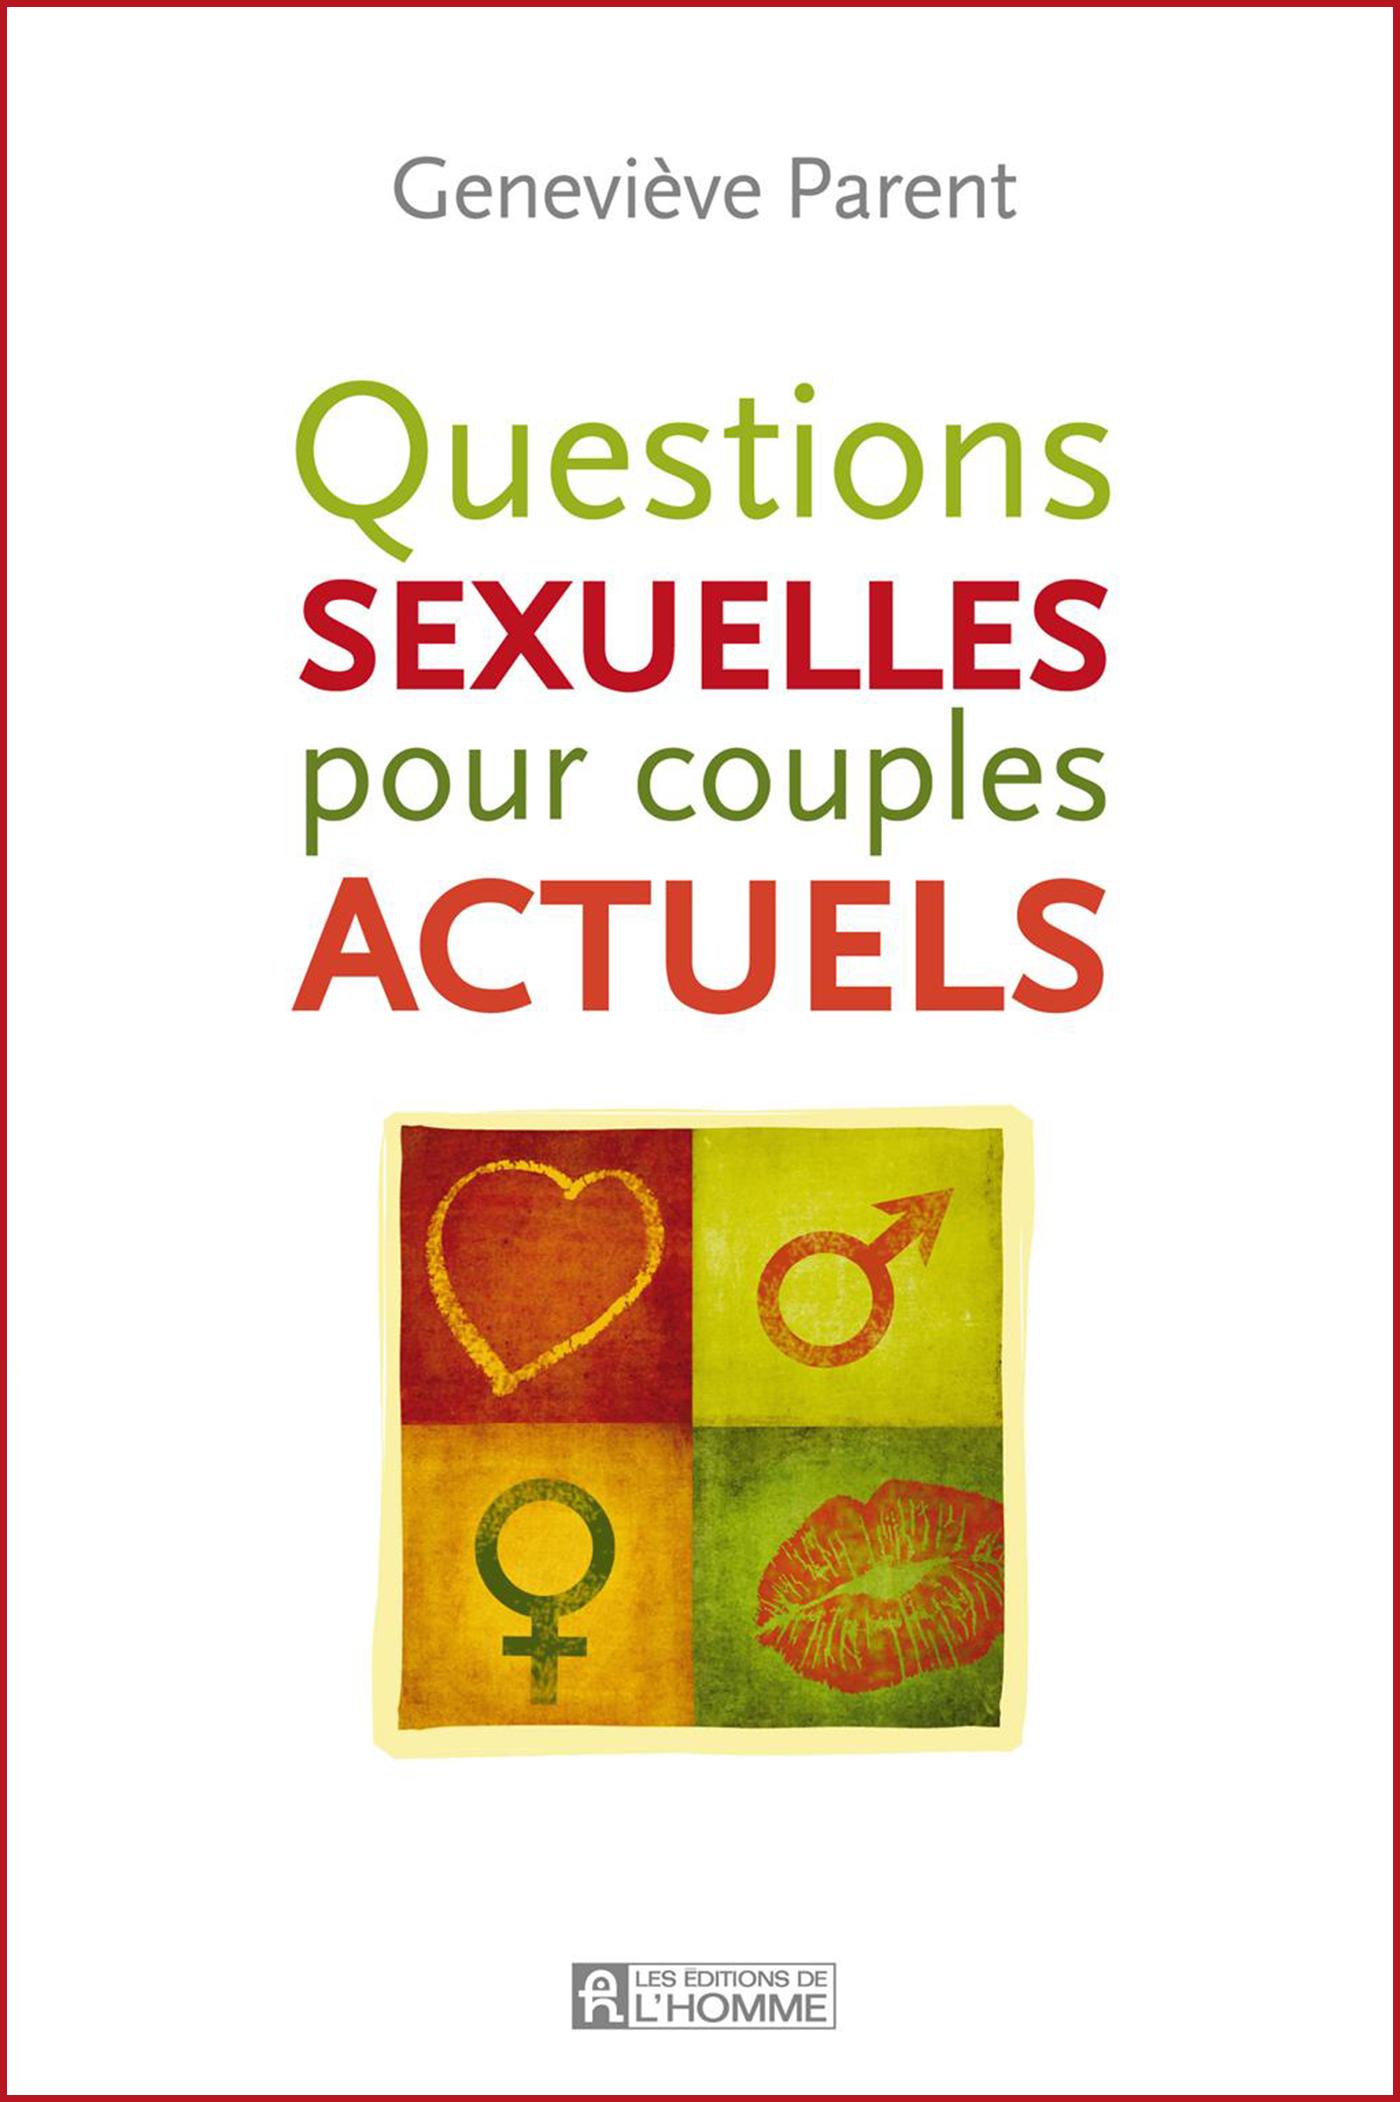 questions sexuelles pour couples actuels livre en duel ou en duo valerie sentenne intello stephane lecault artiste couple